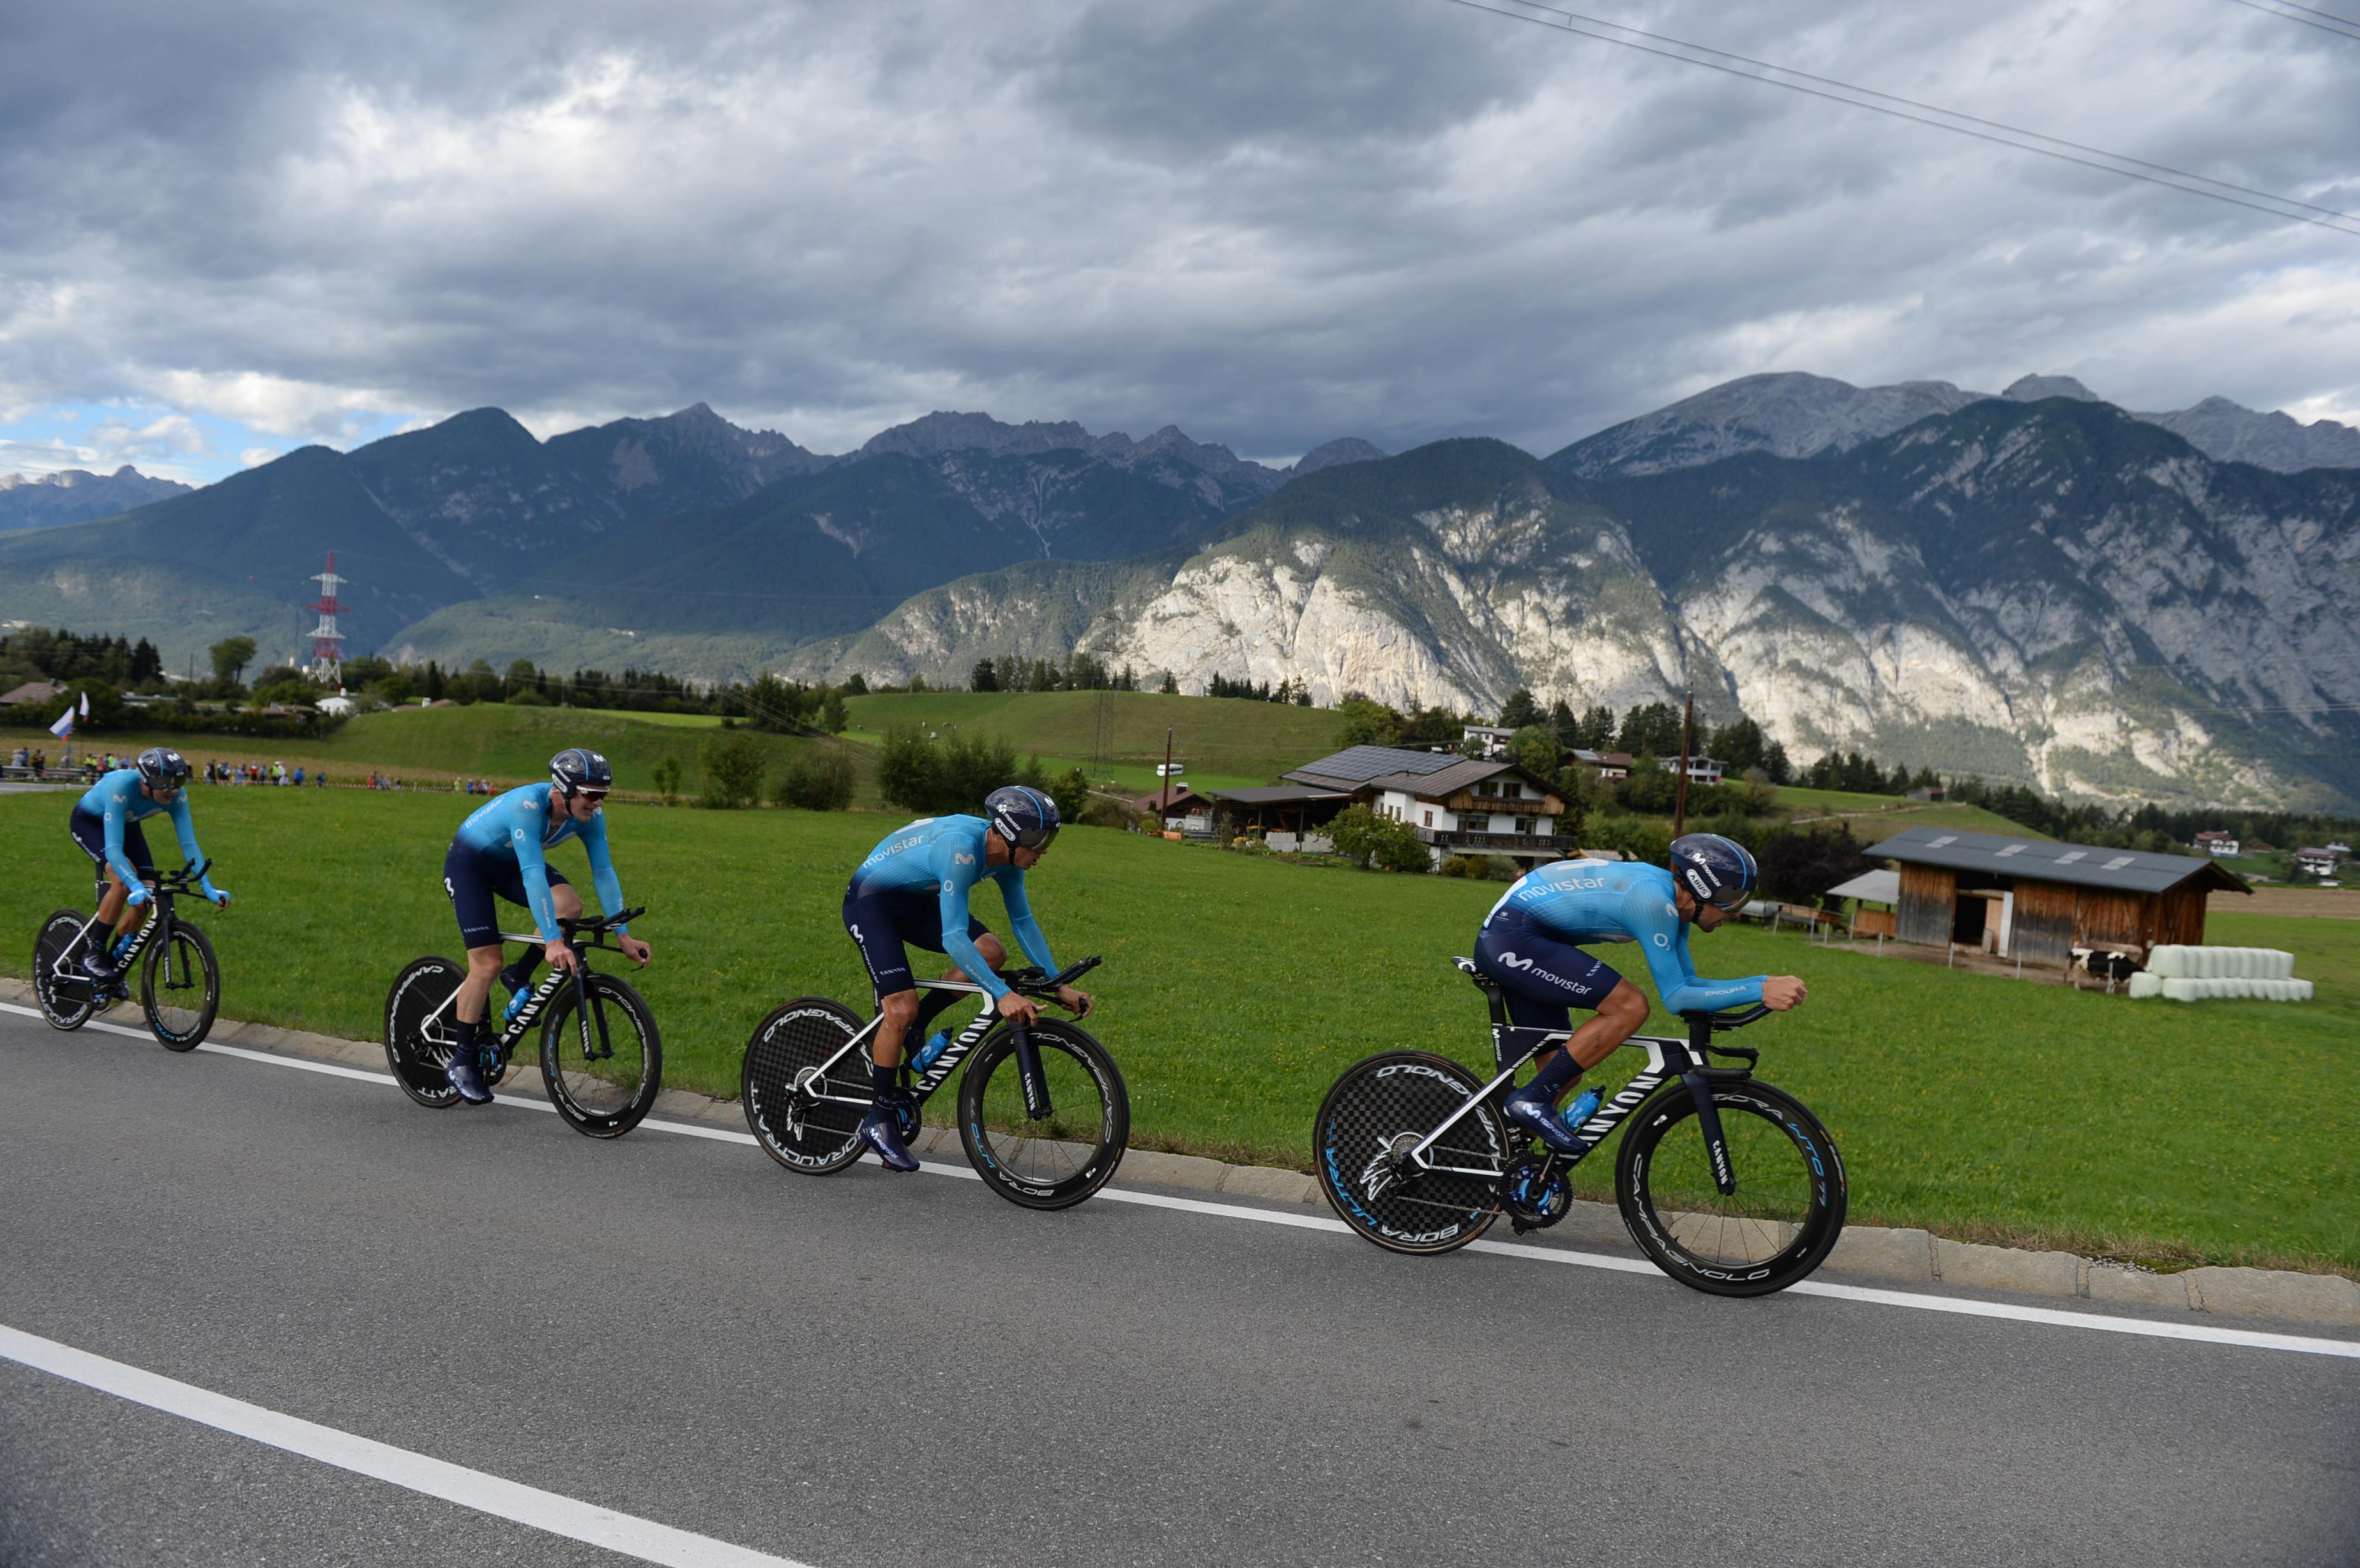 Movistarjevi kolesarji z lepo novico v novo sezono